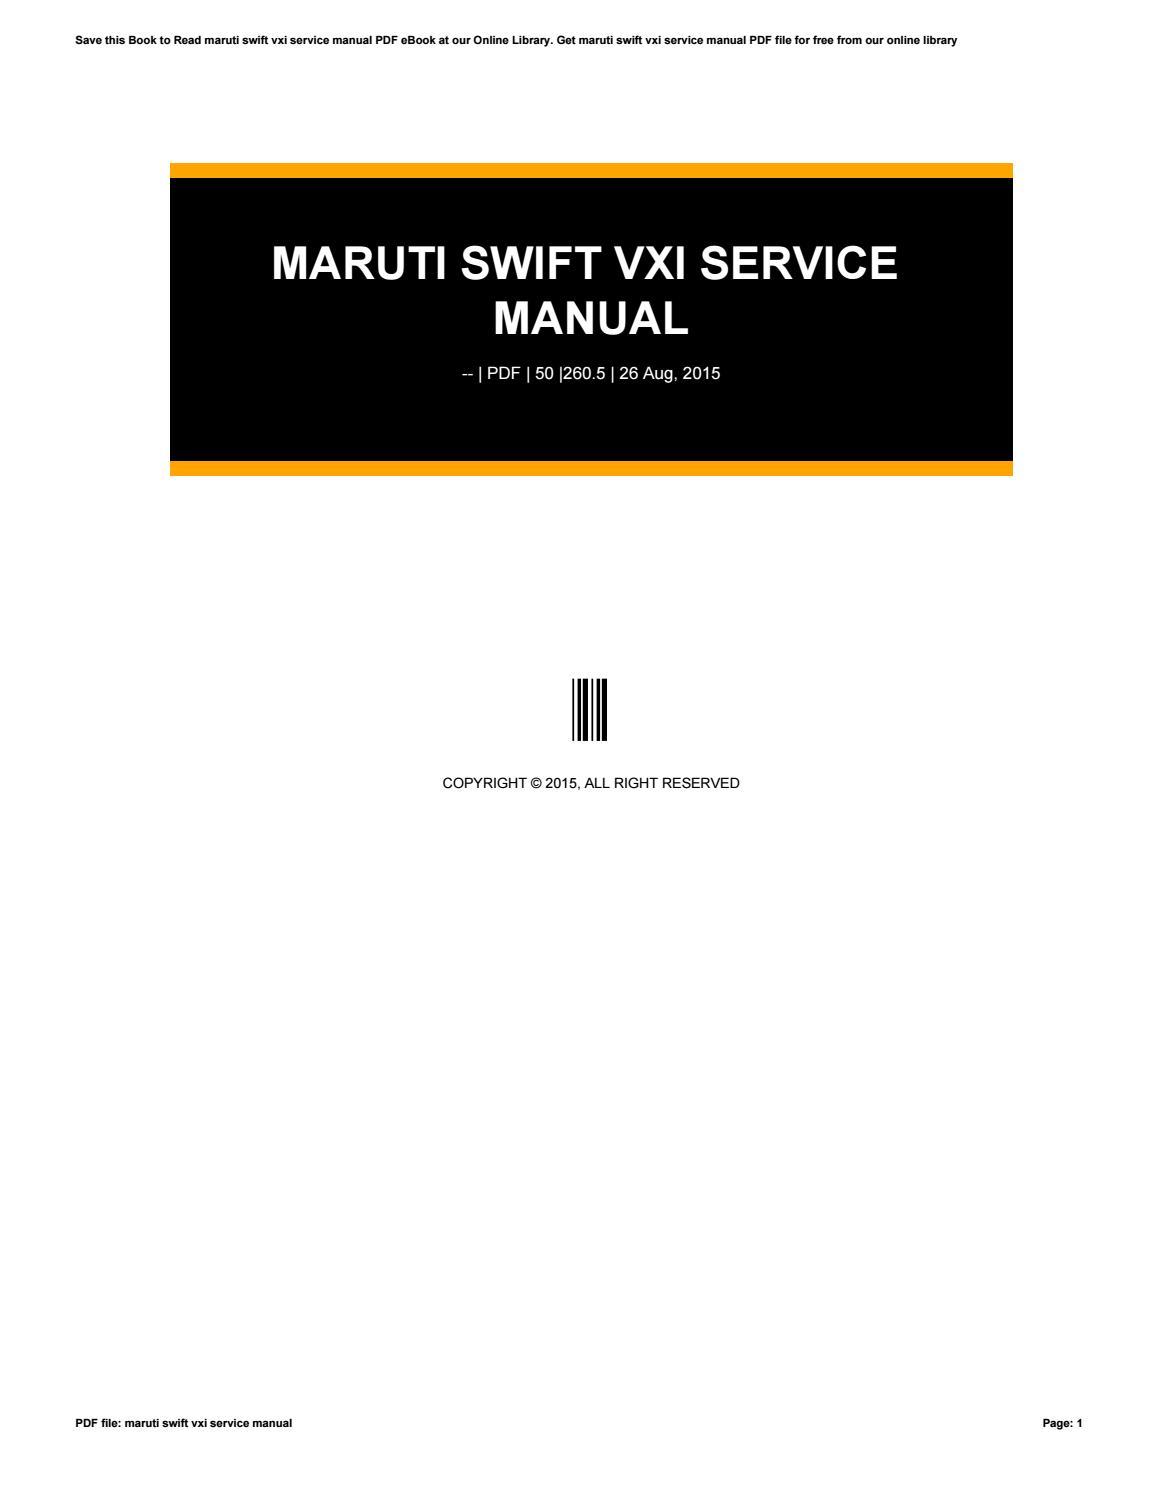 maruti swift vxi service manual by verro07sailah issuu rh issuu com maruti suzuki swift dzire service manual maruti suzuki swift dzire service manual